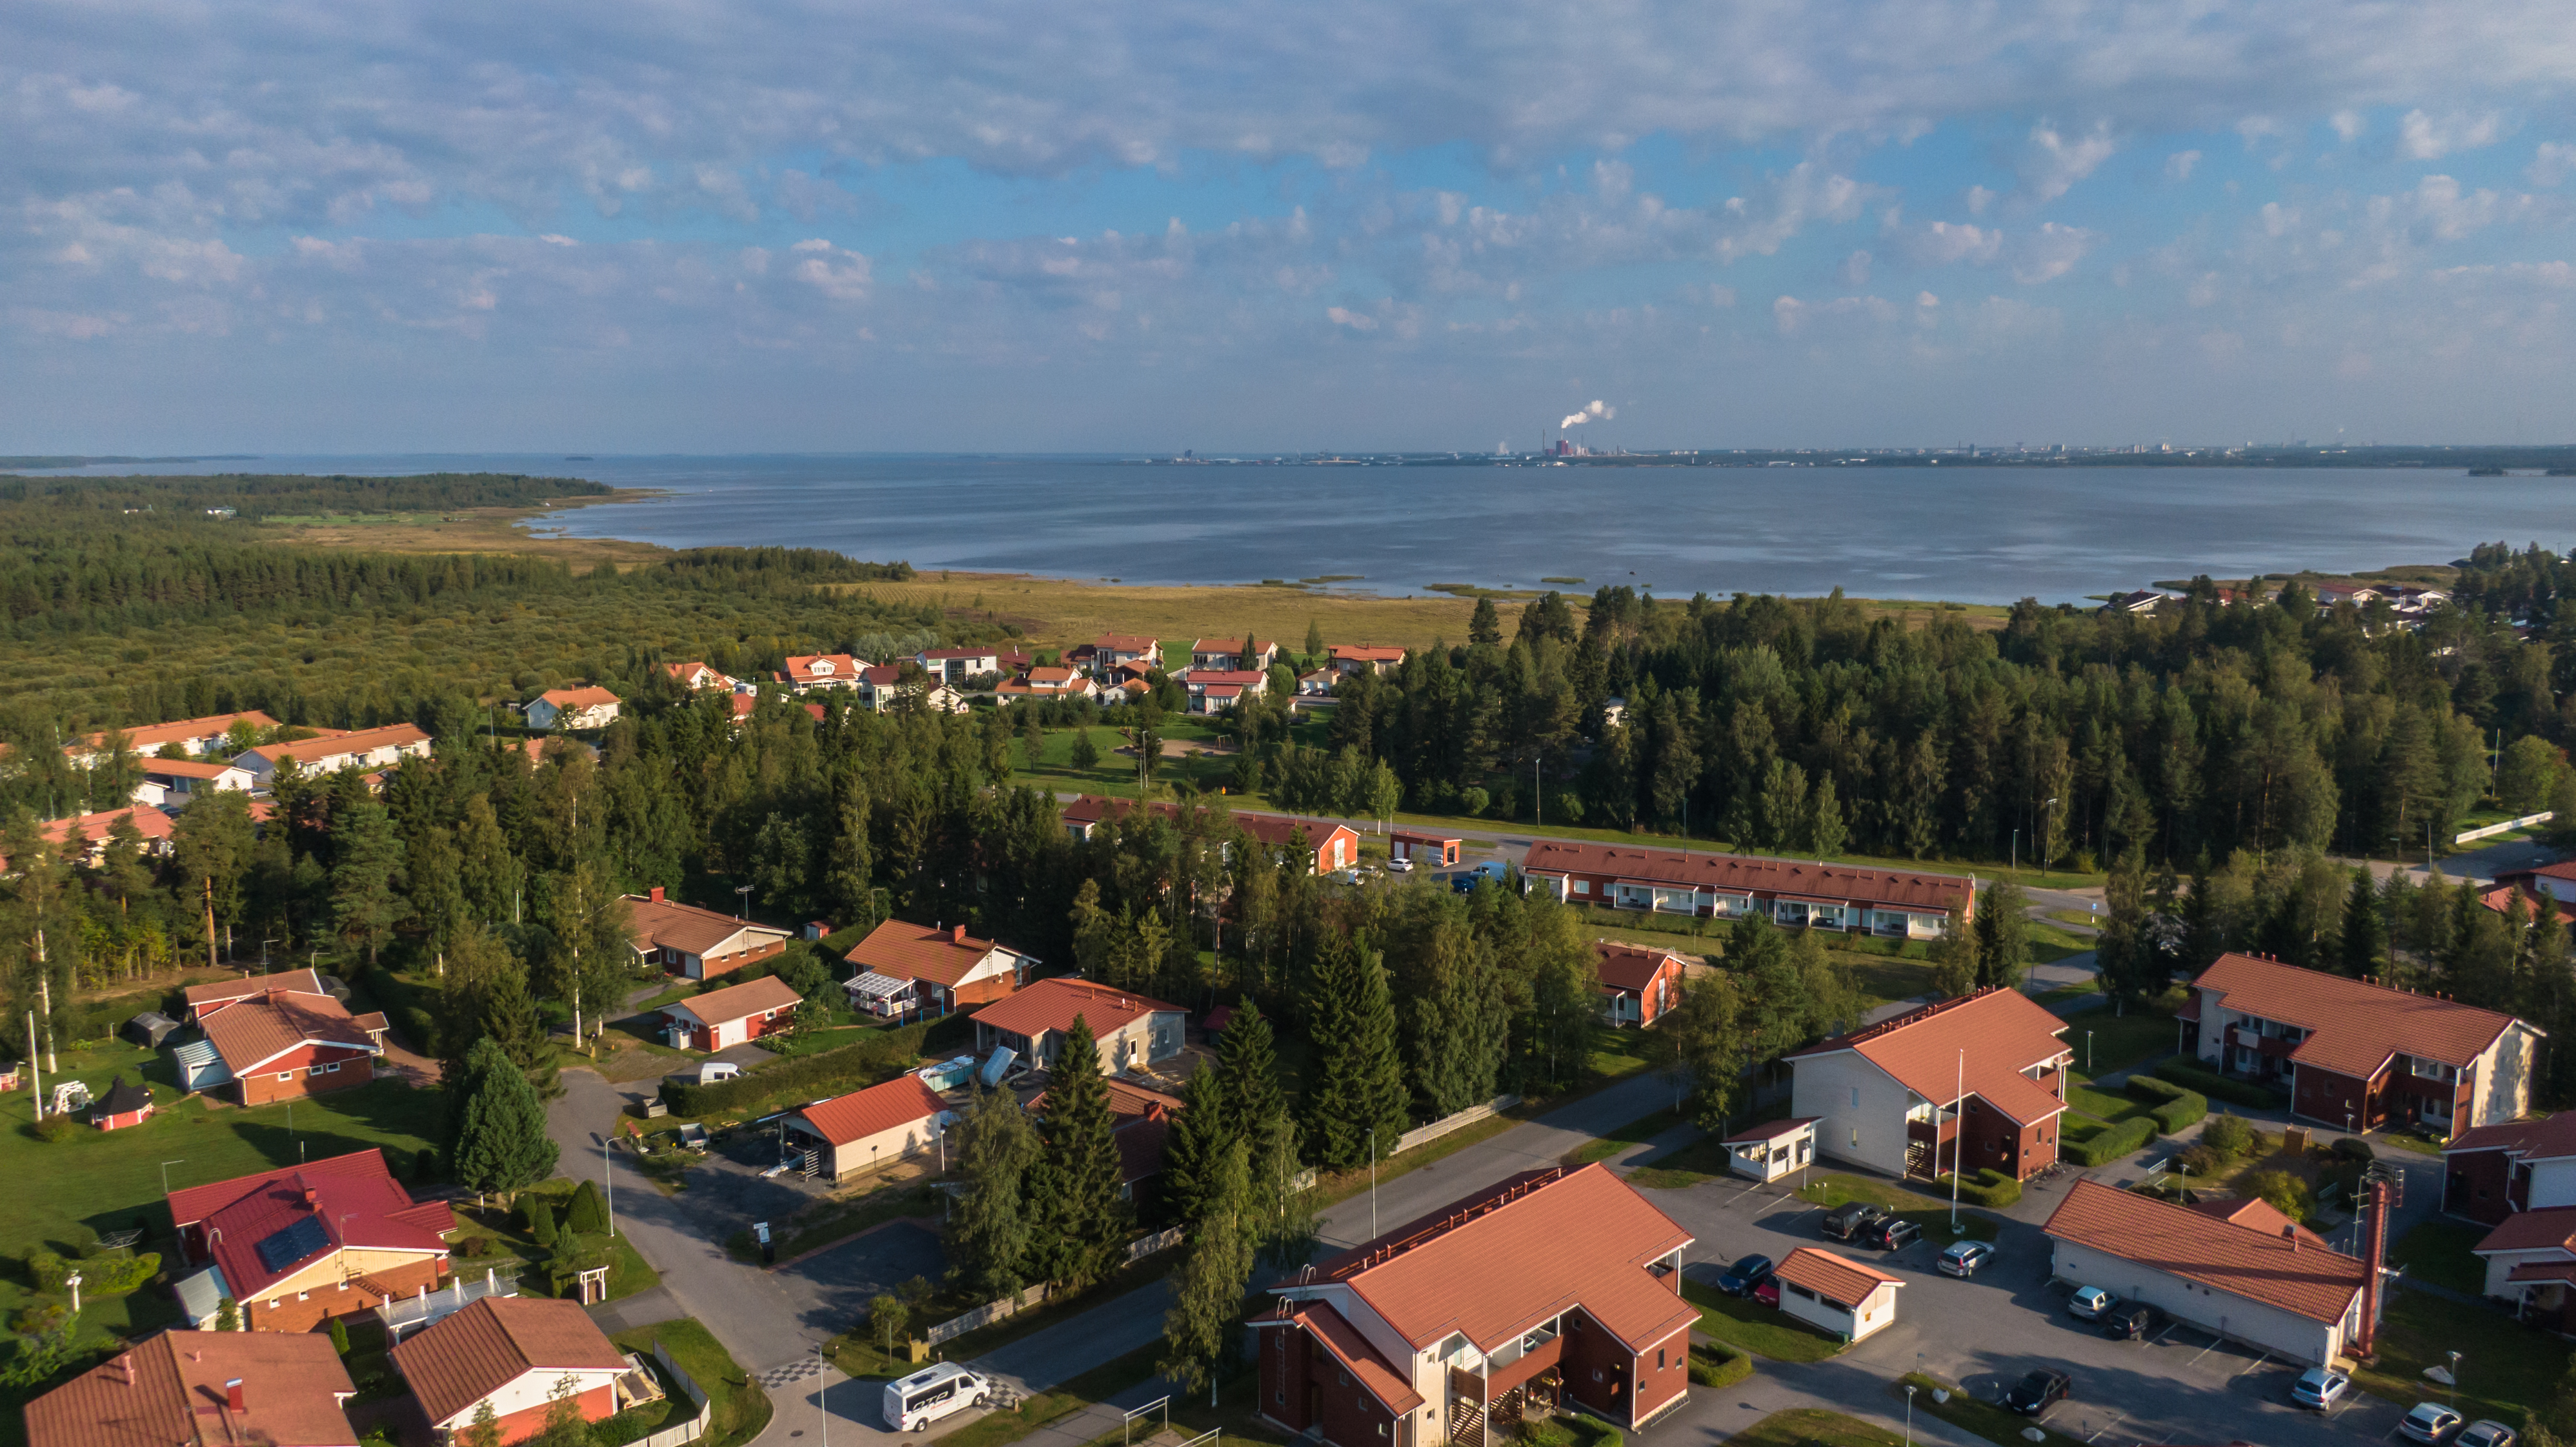 Ilmakuva Oulunsalossa sijaitsevasta Vihiluodon asuinalueesta. Taivaalla pilviä, mutta aurinko paistaa. Metsää ja merenrantaa, etualalla punakattoisia taloja.